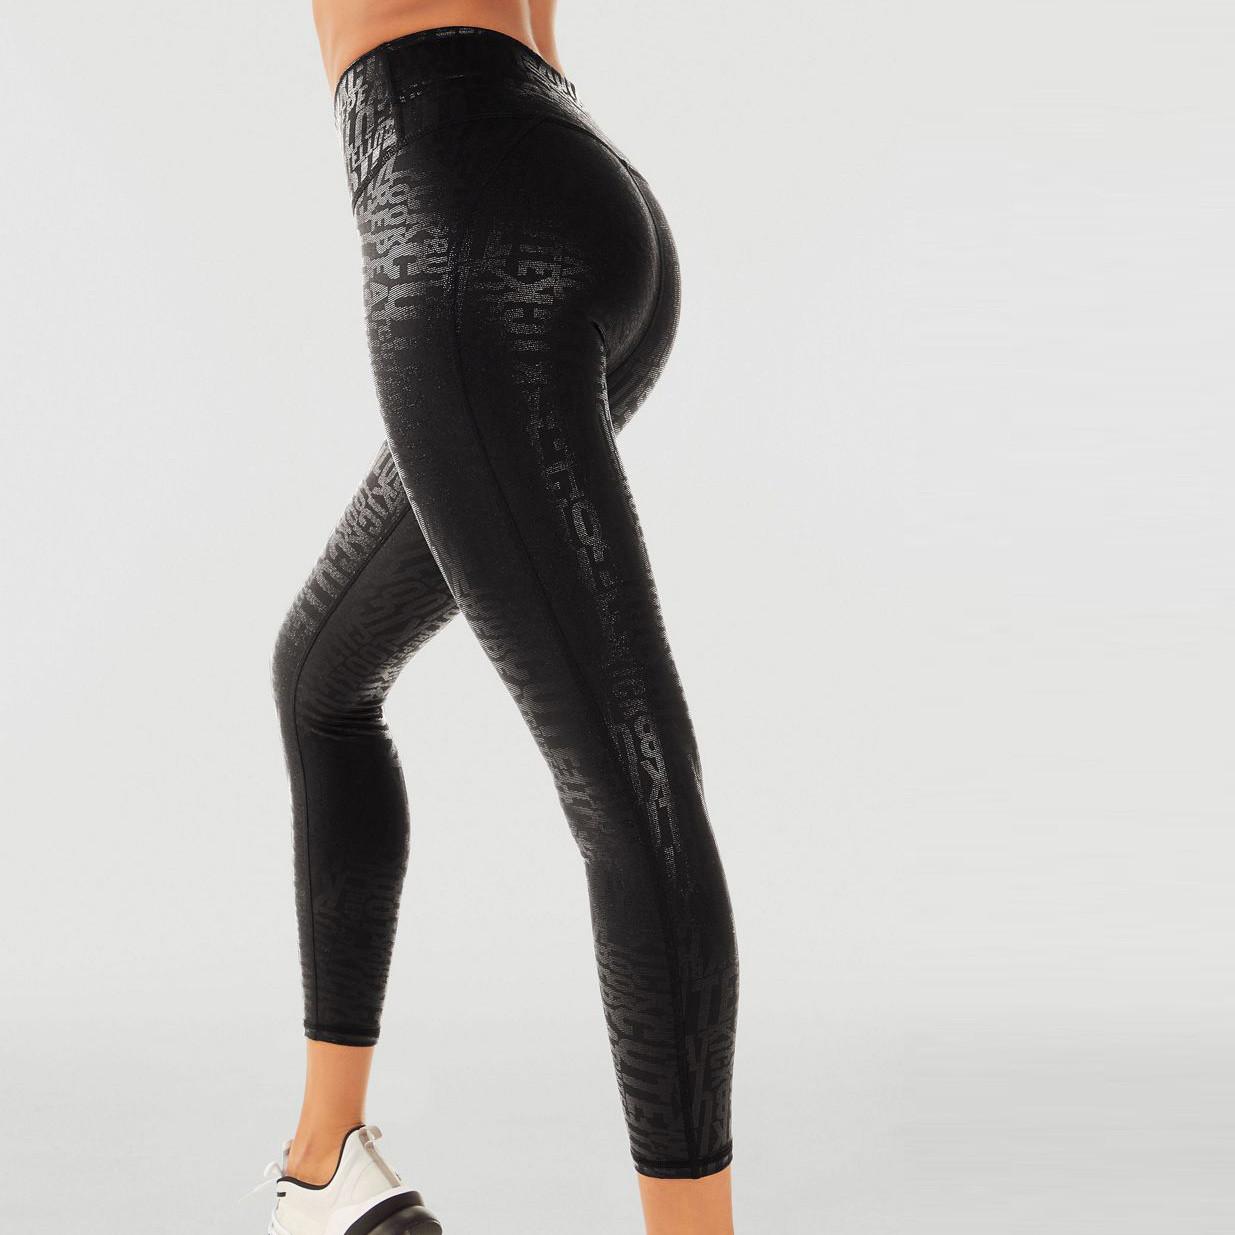 custom athletic apparel